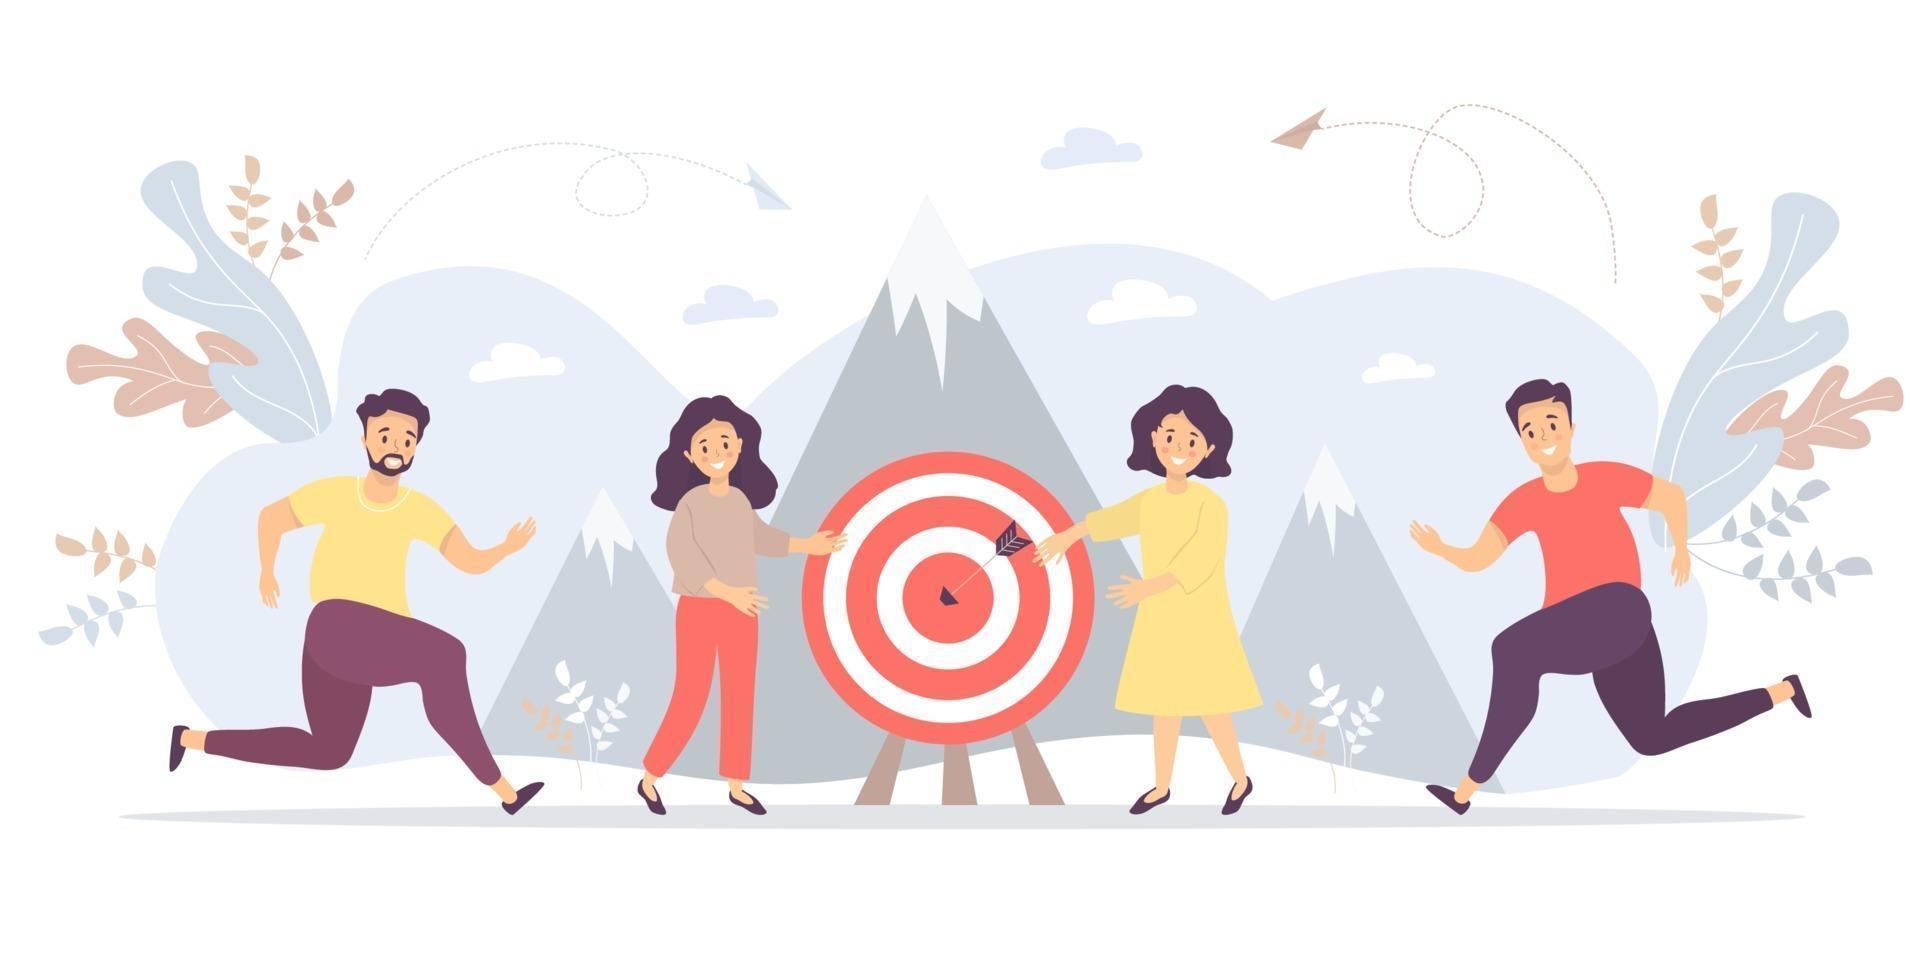 conceito de negócio - as pessoas estão se movendo em direção ao objetivo, movimento e motivação em direção ao auge do sucesso. vetor. para trabalho em equipe e parceiros, objetivos e realizações, conceitos de negócios e marketing vetor